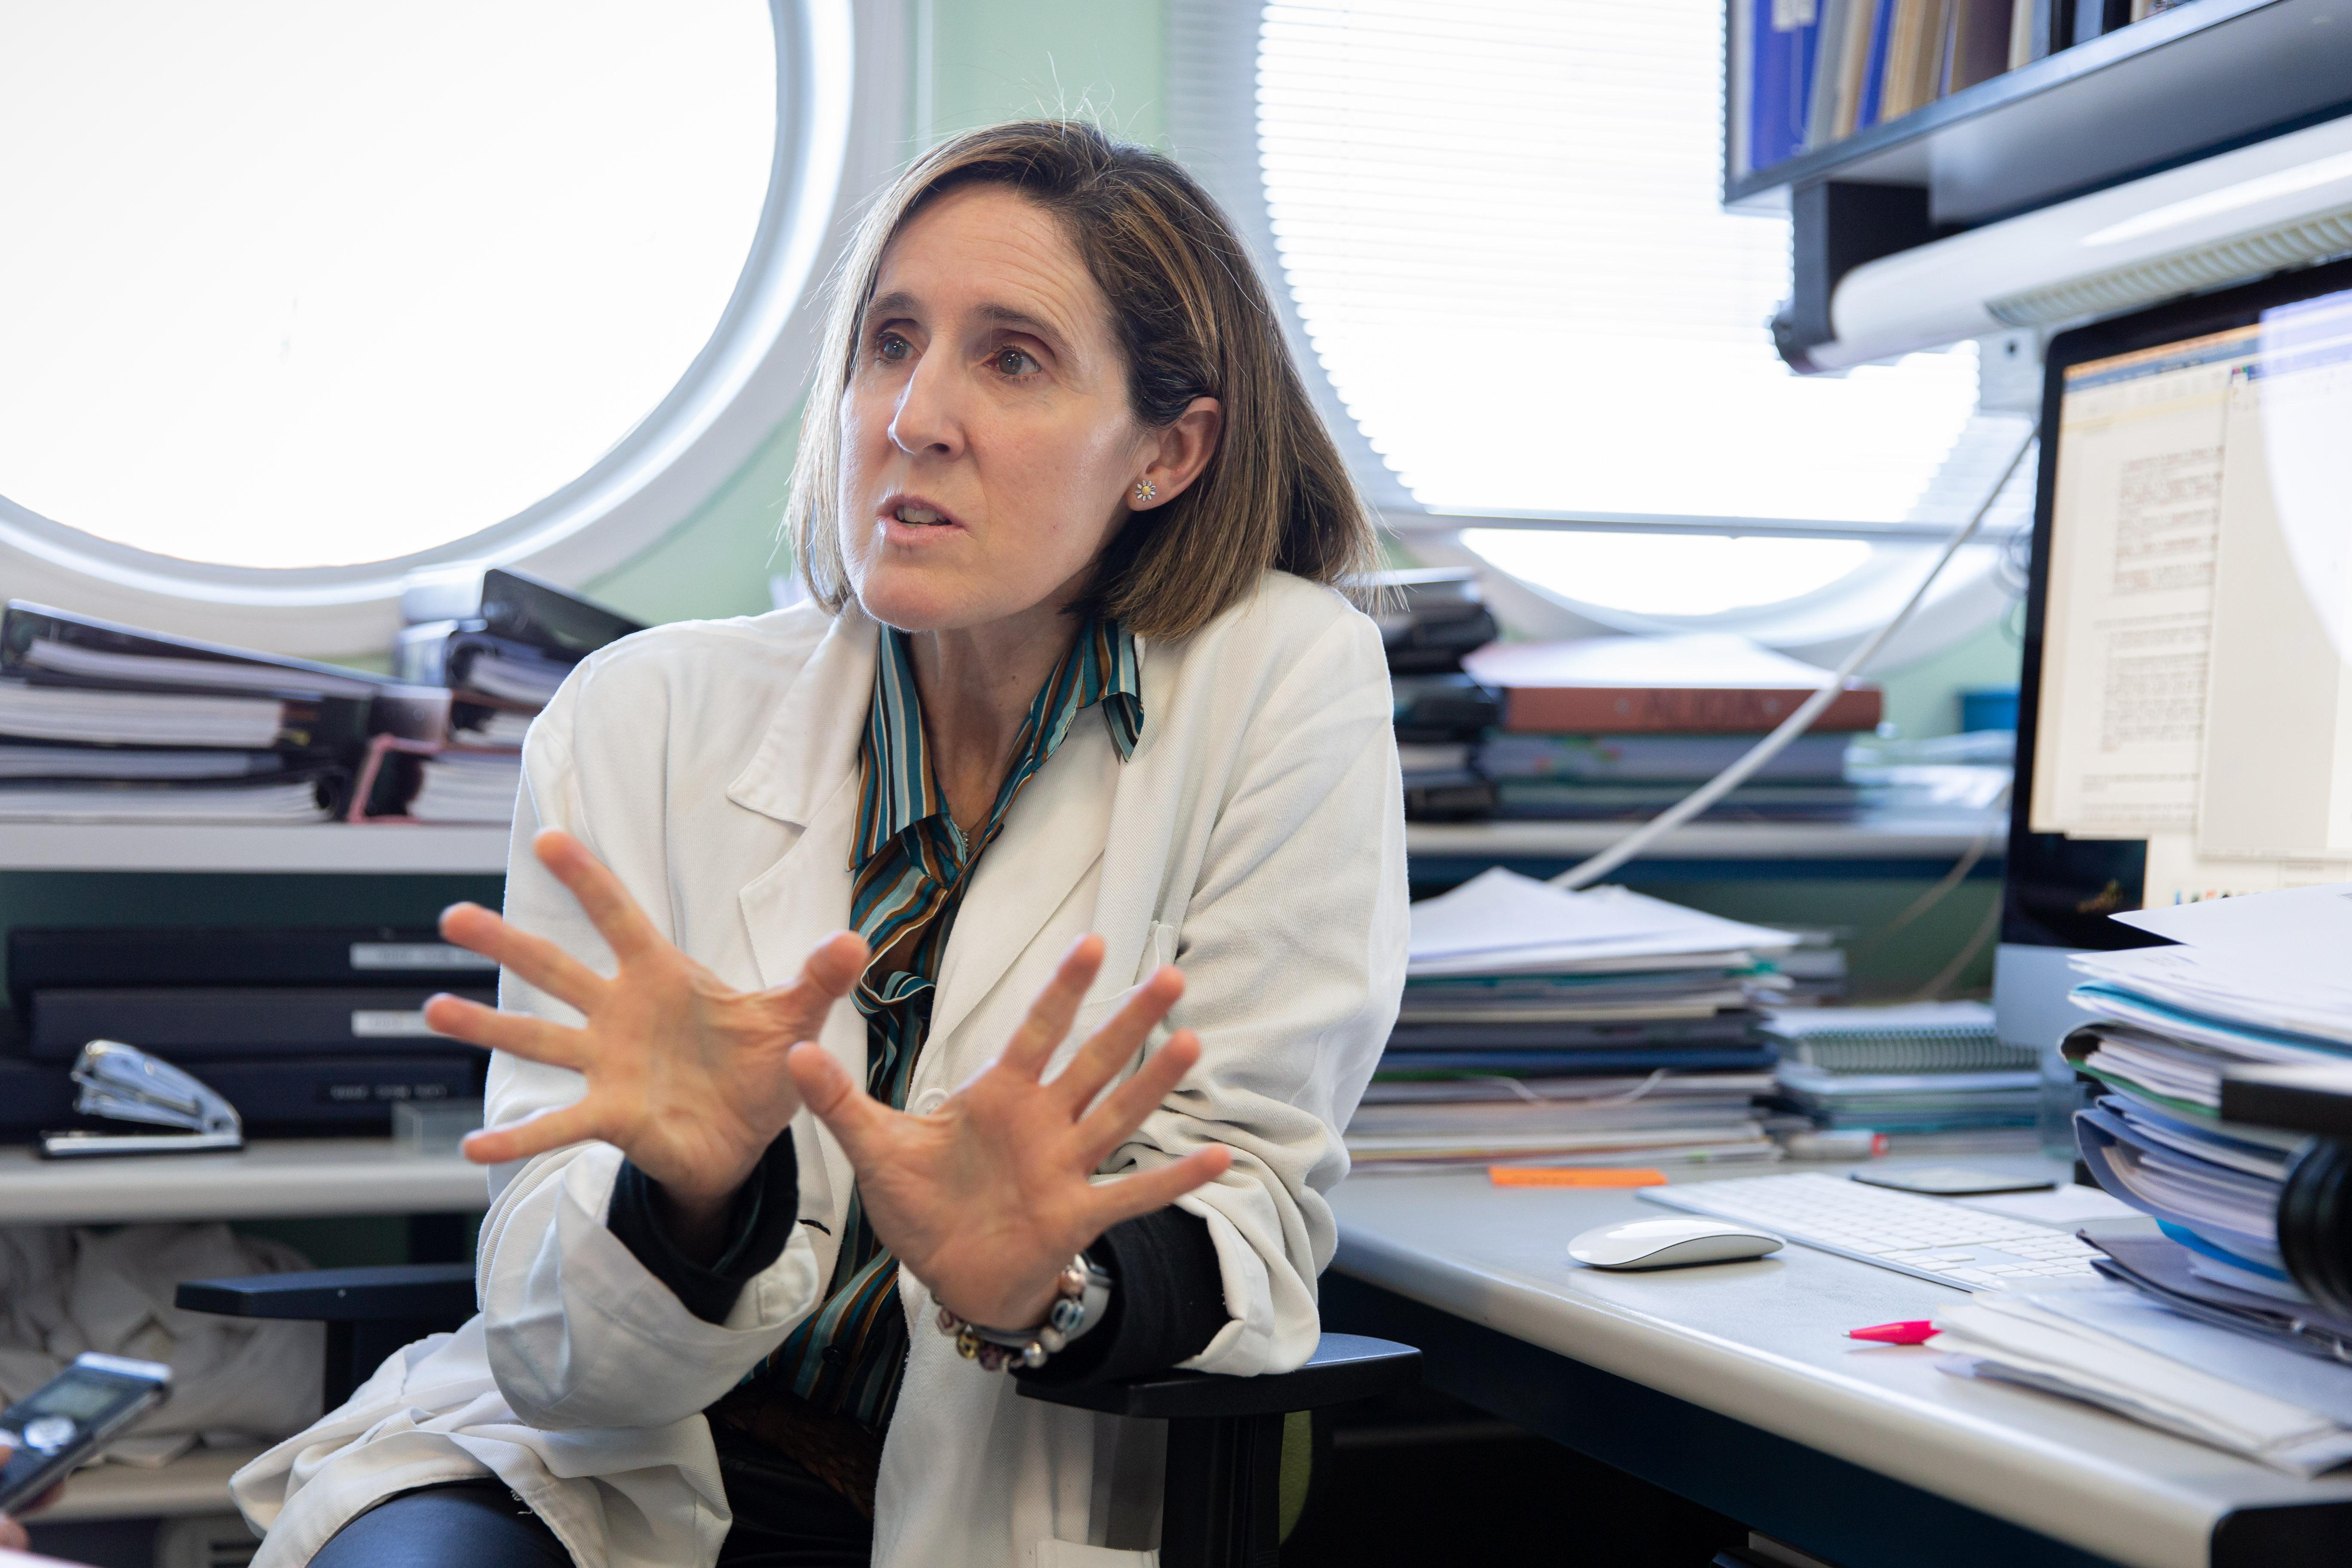 imagen de La viróloga Isabel Sola, del Centro Nacional de Biotecnología del CSIC (CNB-CSIC). / Agencia SINC